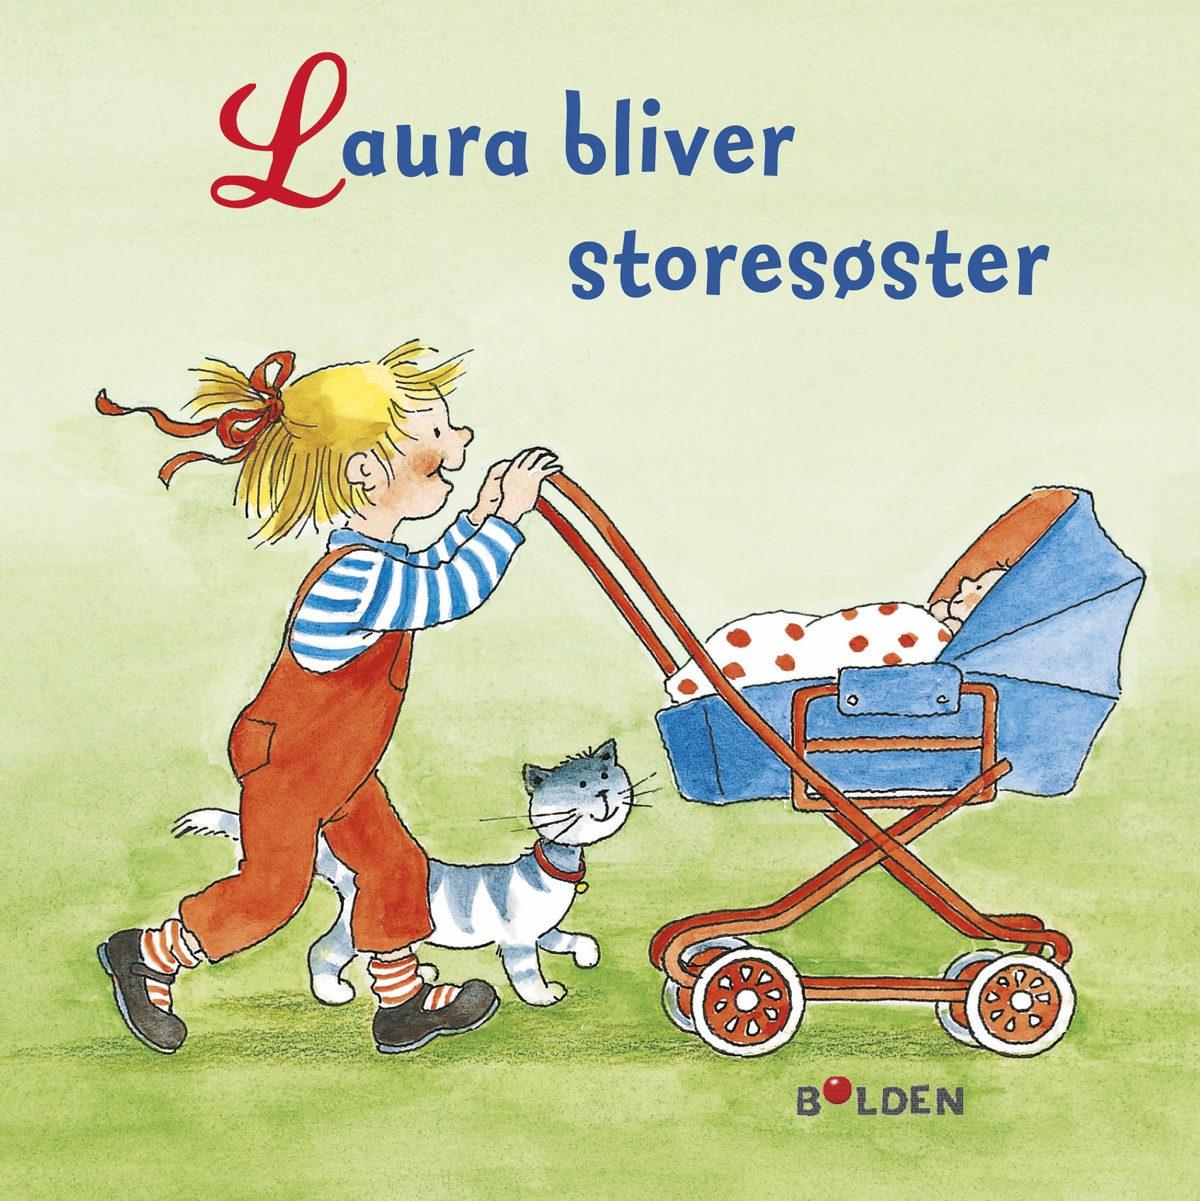 Laura bliver storesøster